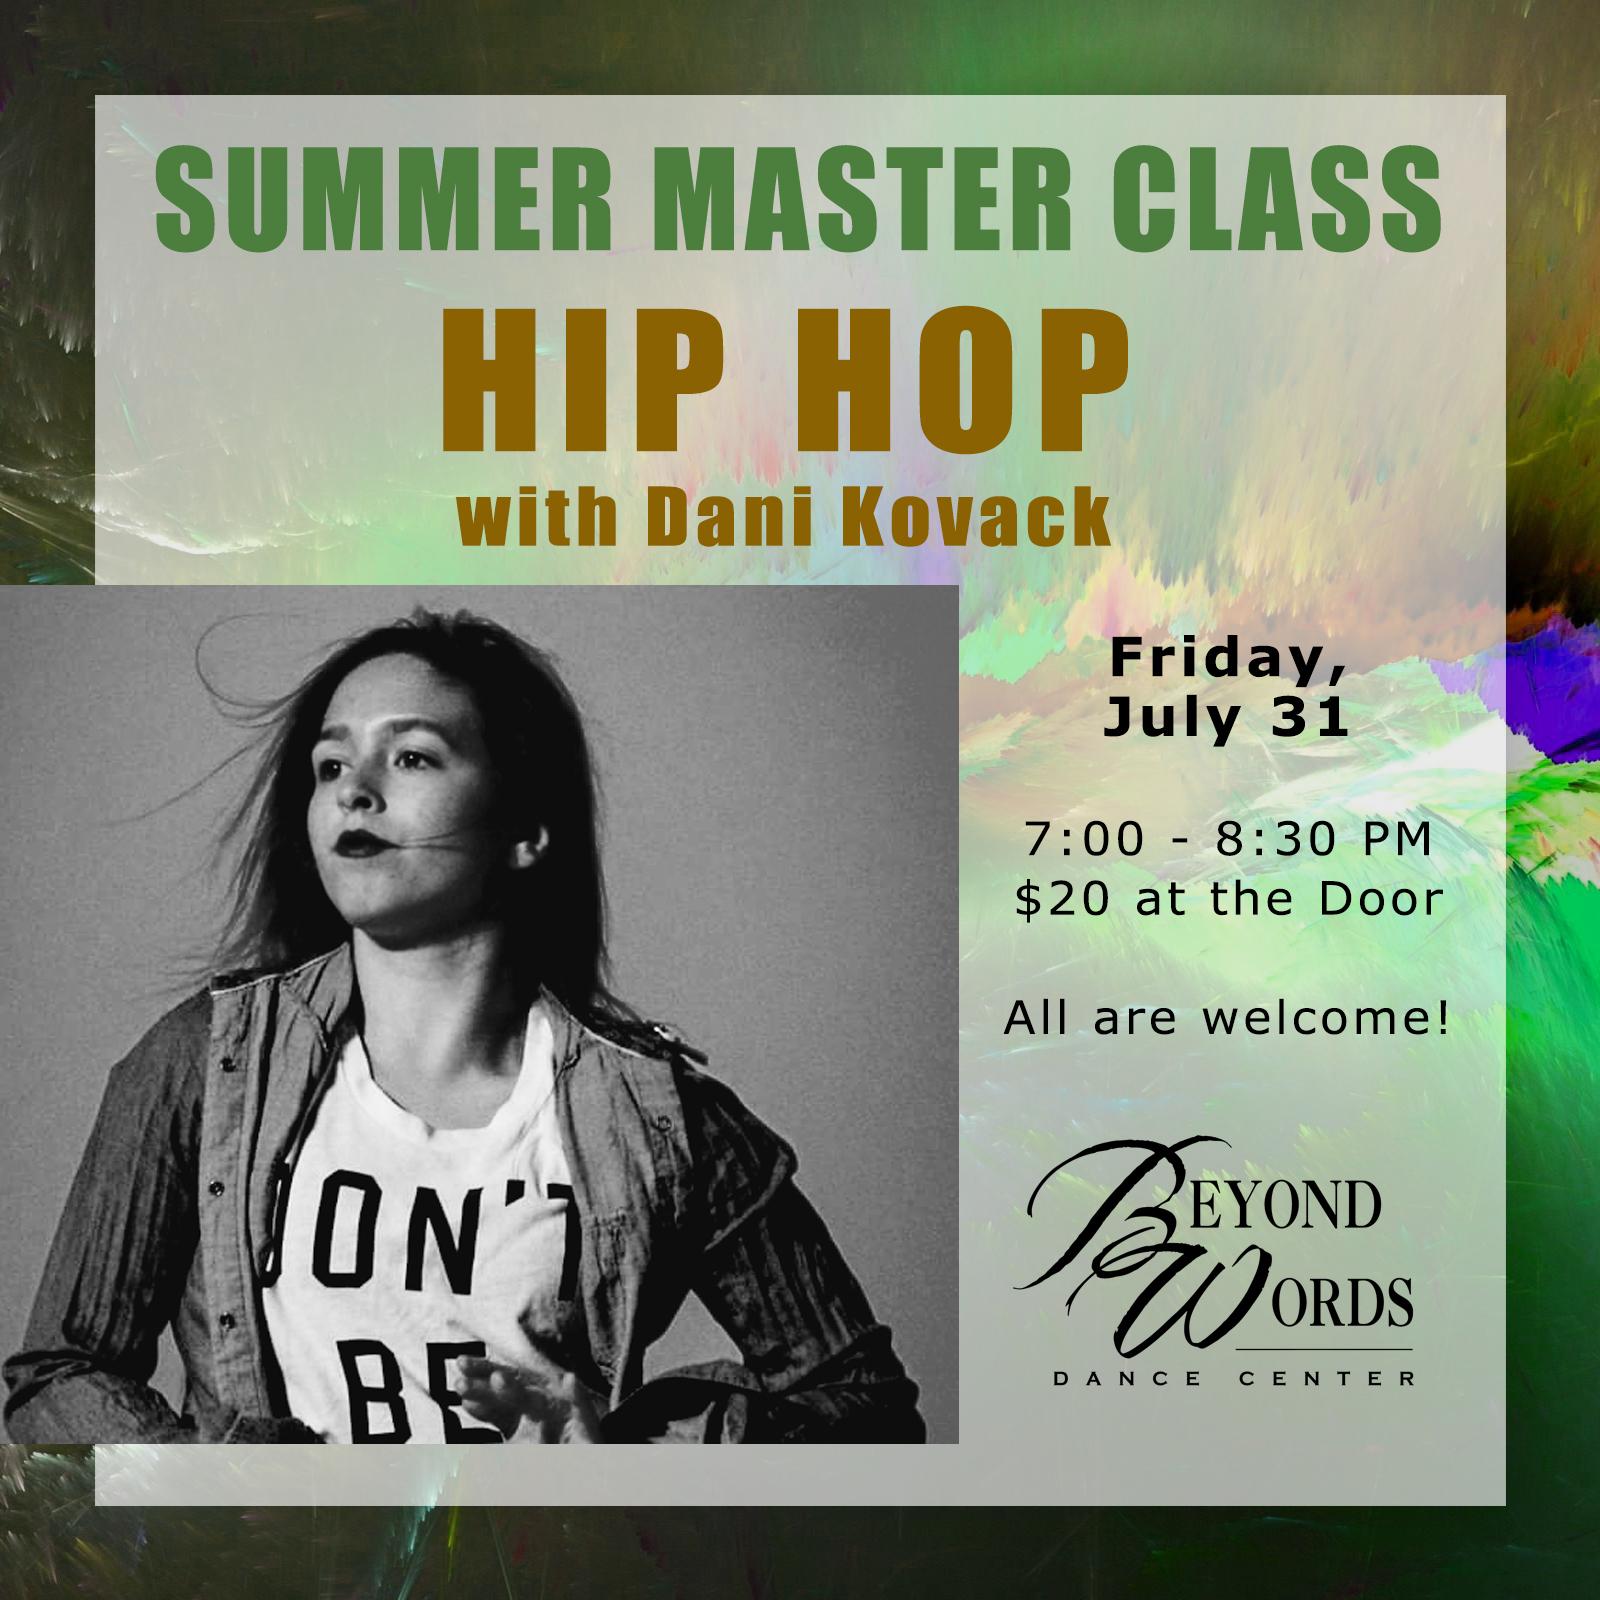 Summer Master Class - Hip Hop